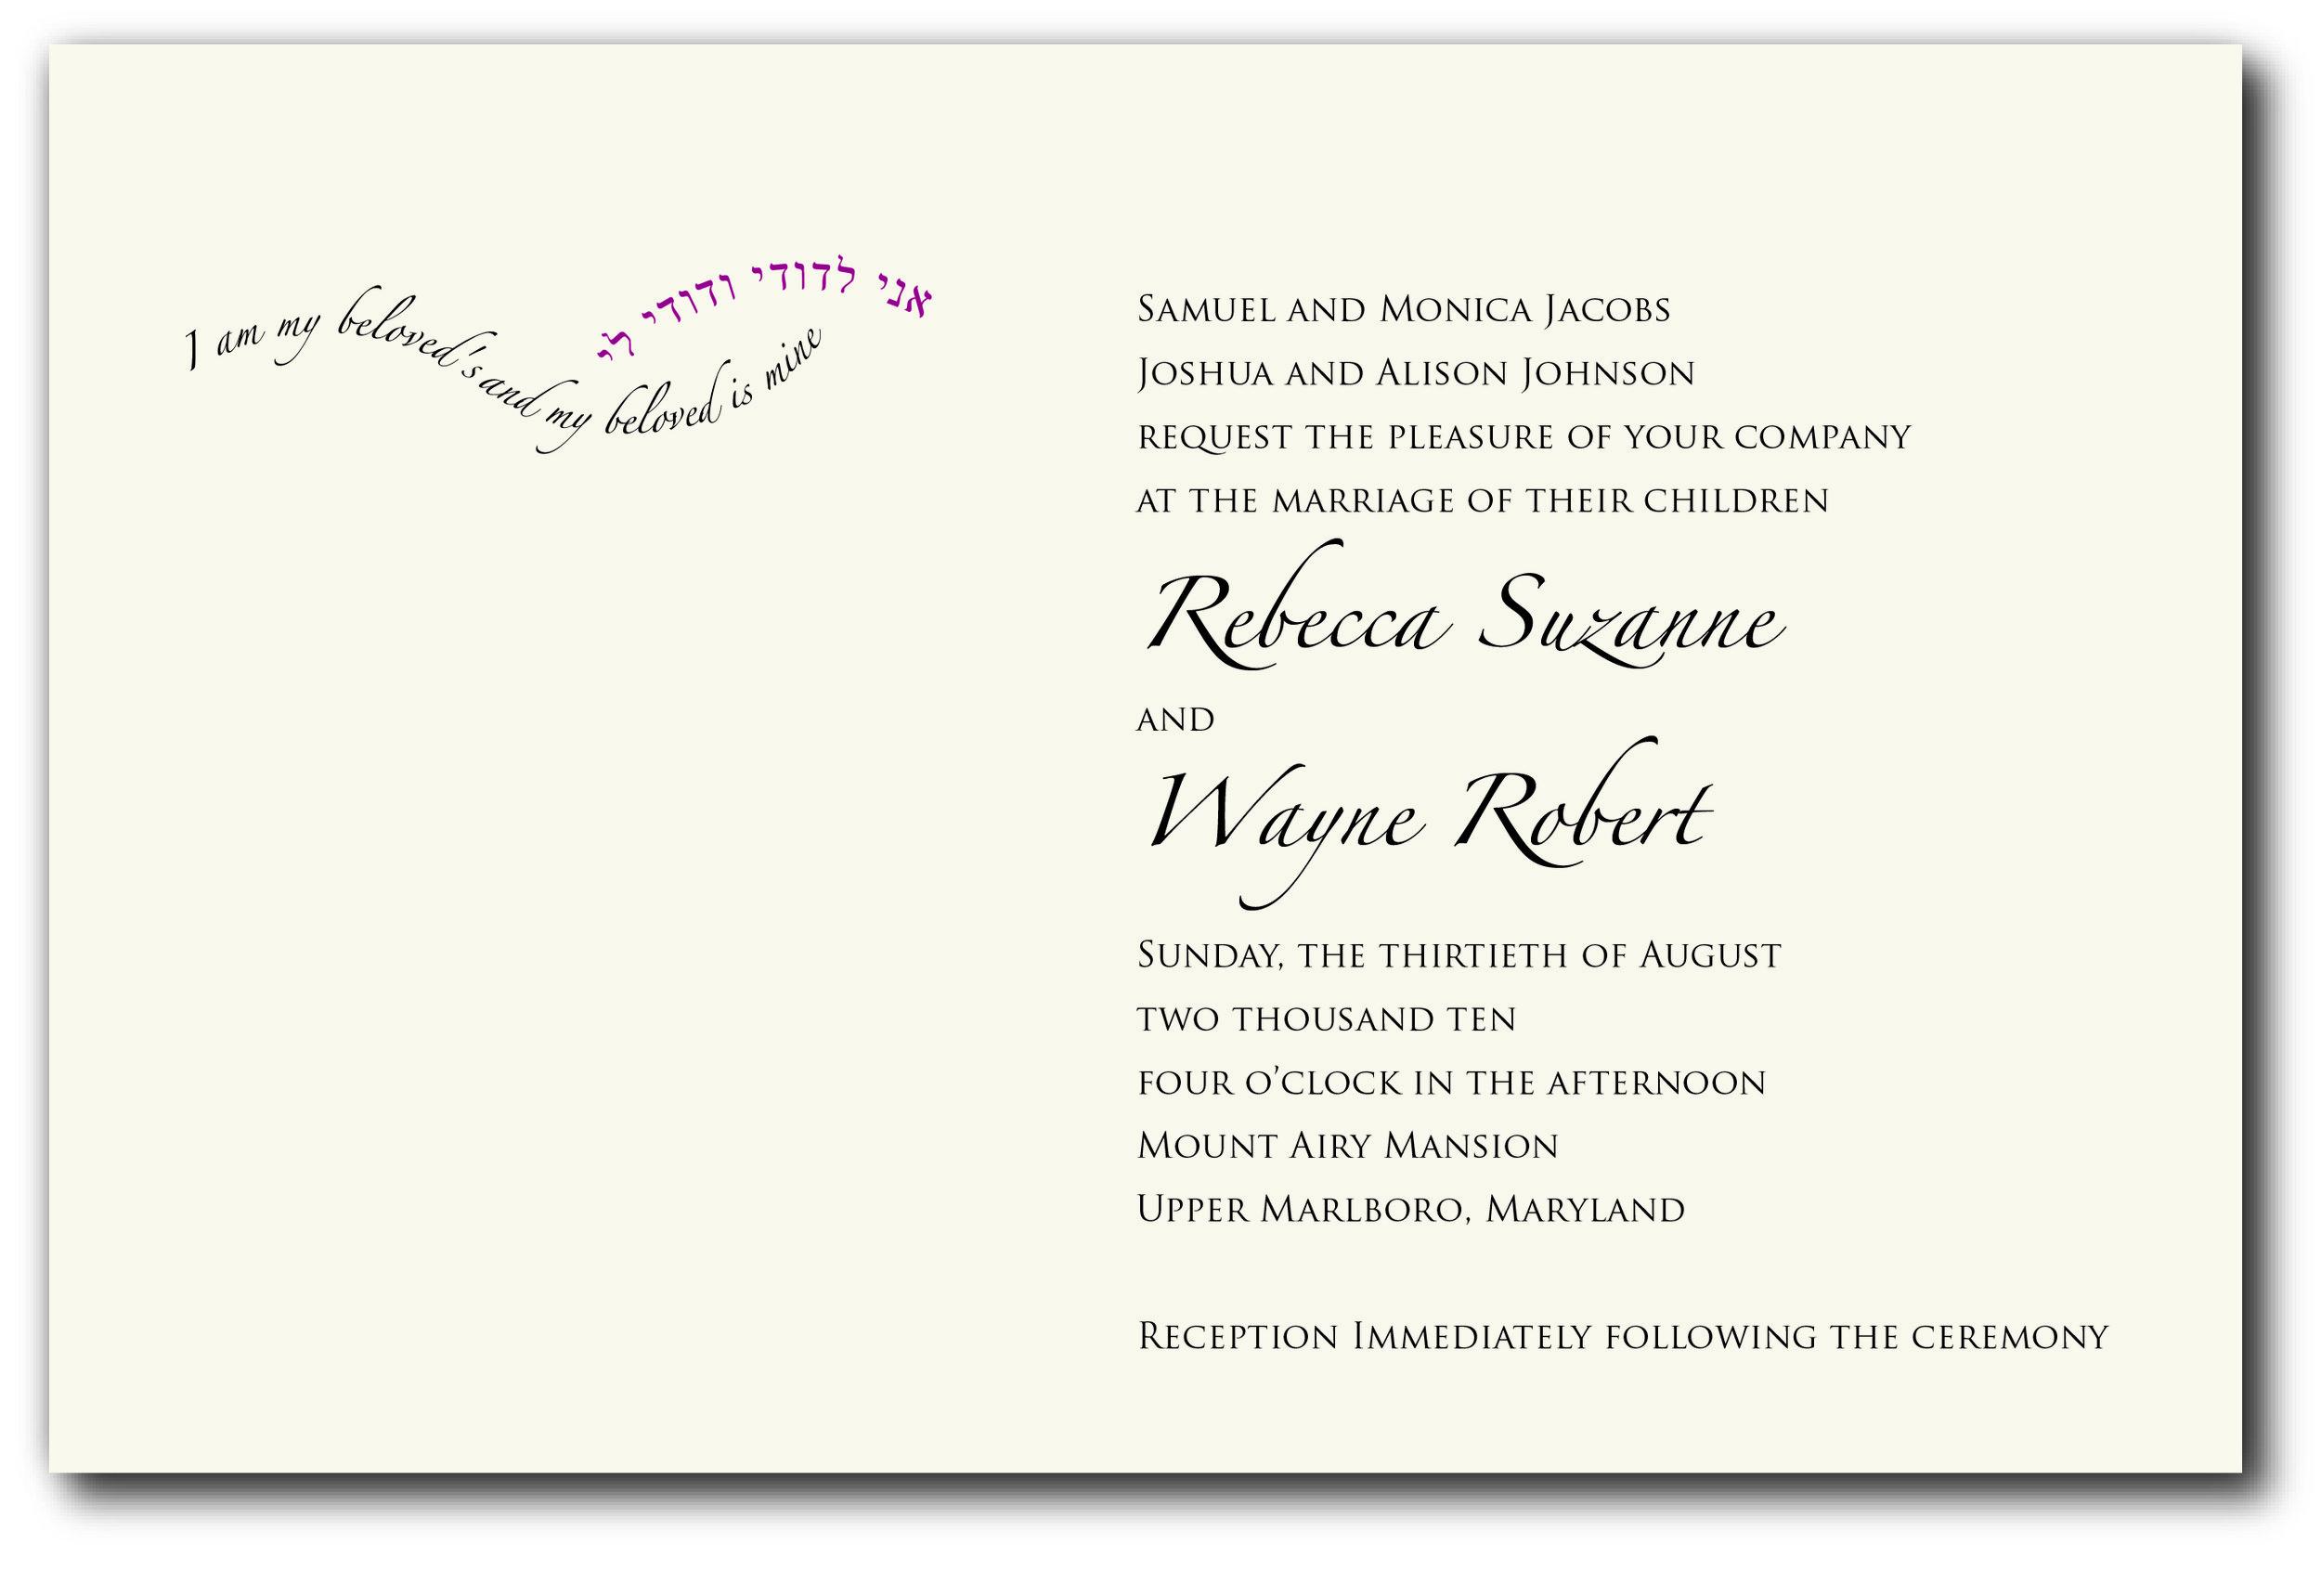 RebeccaJ.Wedding.jpg